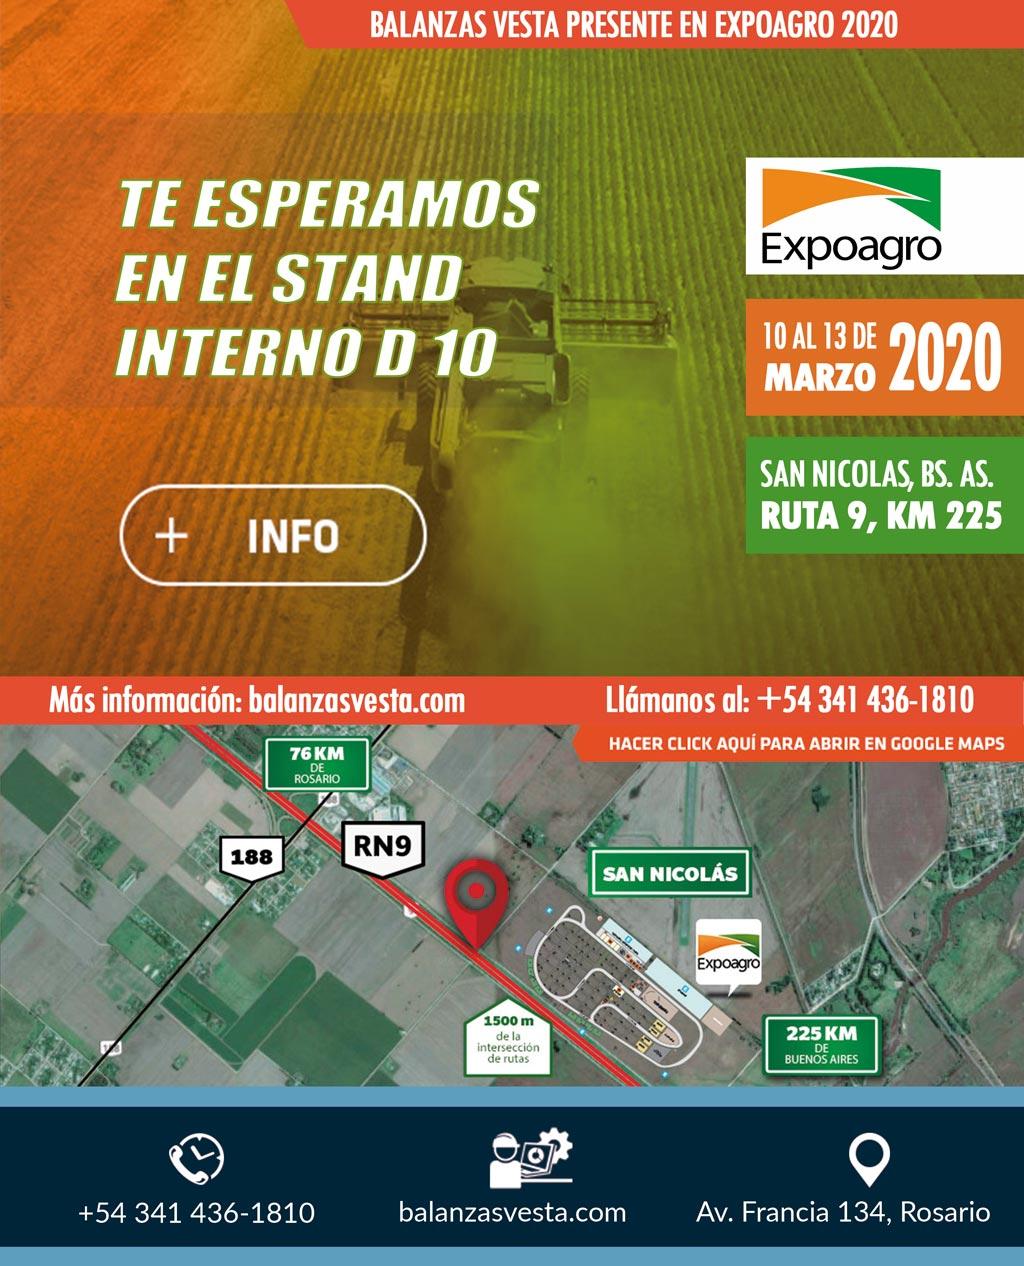 expoagro 2020